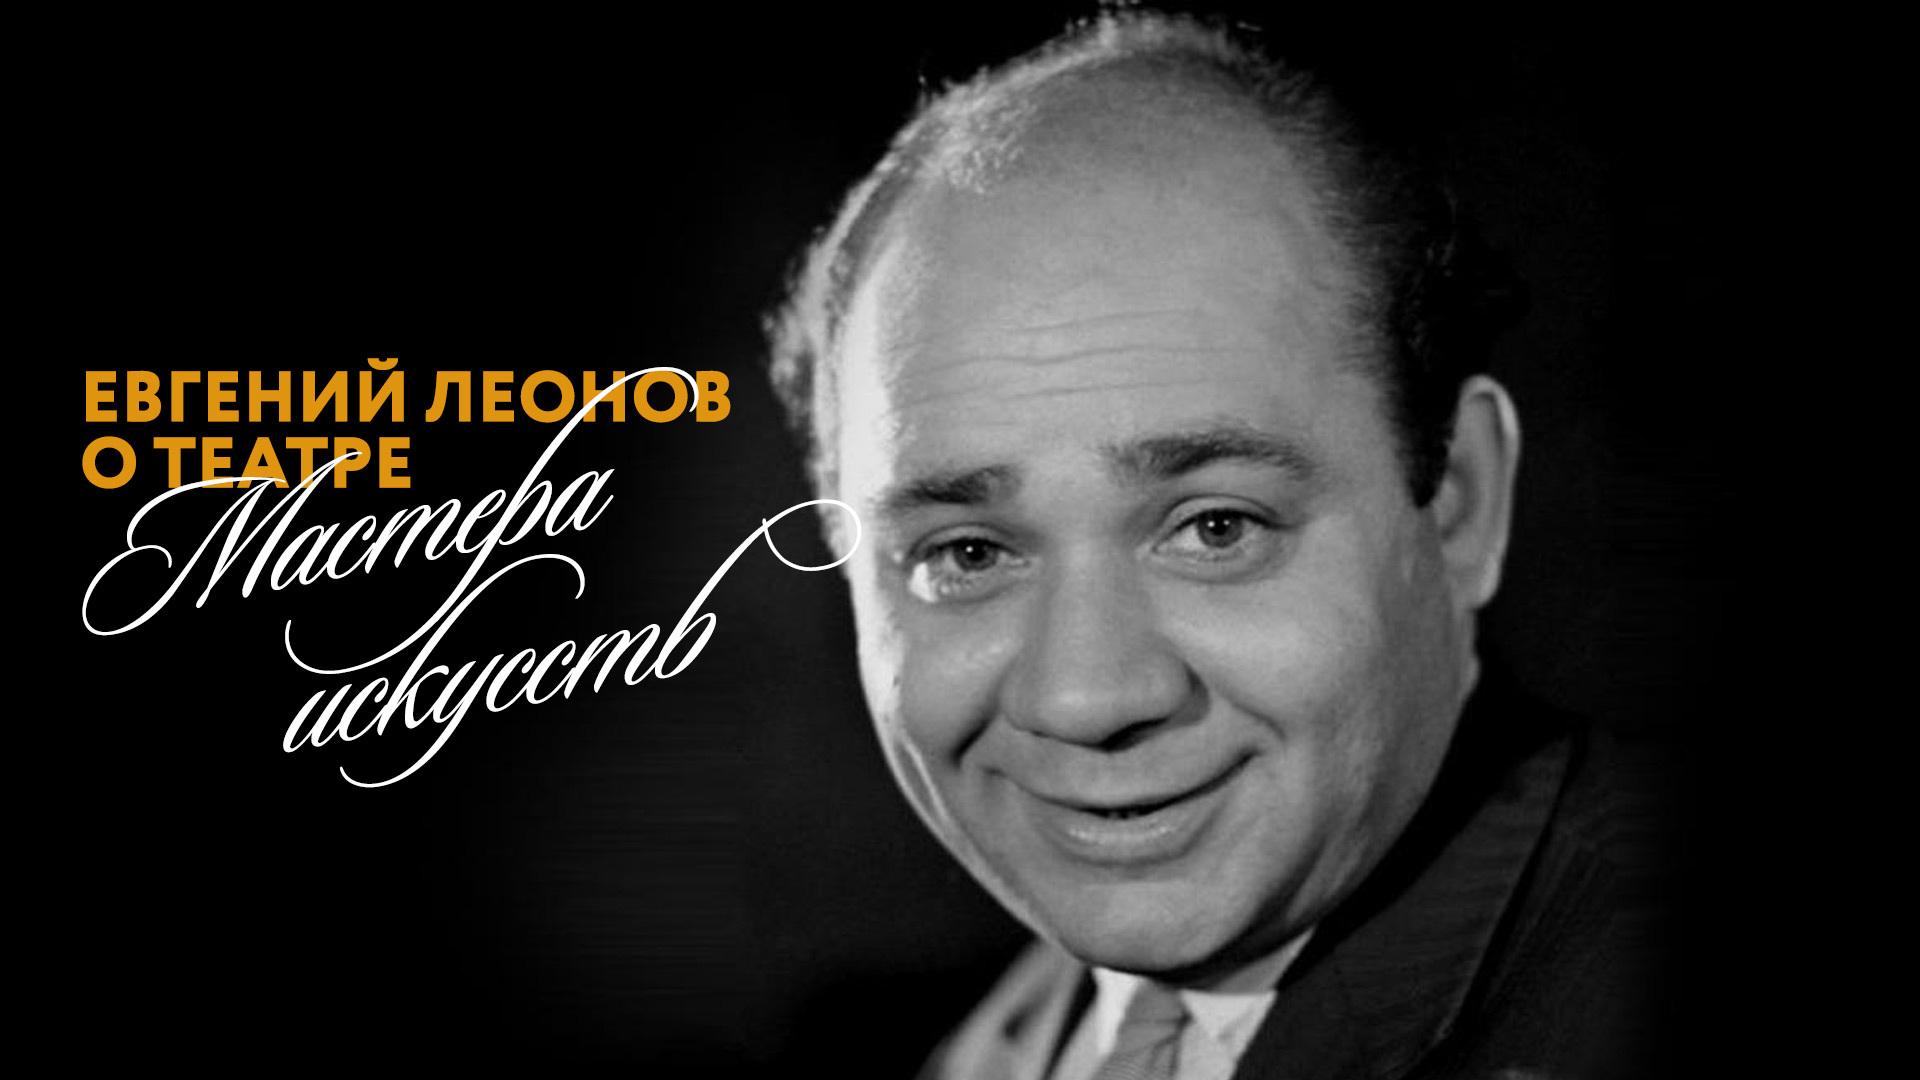 Евгений Леонов о театре. Мастера искусств